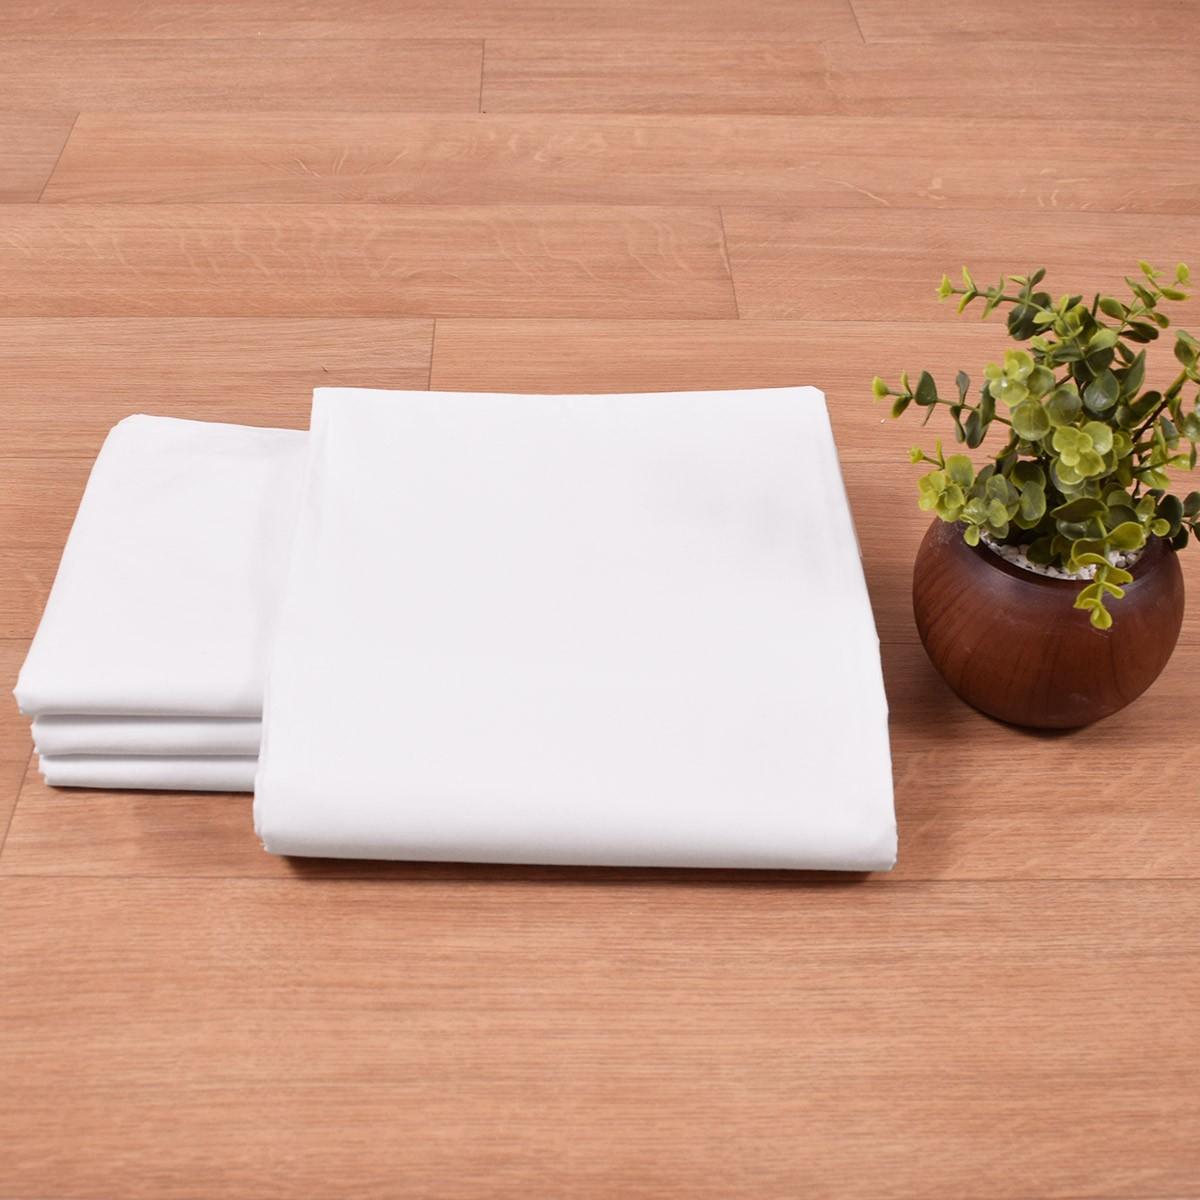 Σεντόνι (180x280) 60%Βαμβάκι 40%Polyester T220 home   επαγγελματικός εξοπλισμός   ξενοδοχειακός εξοπλισμός   σεντόνια ξενοδοχεί